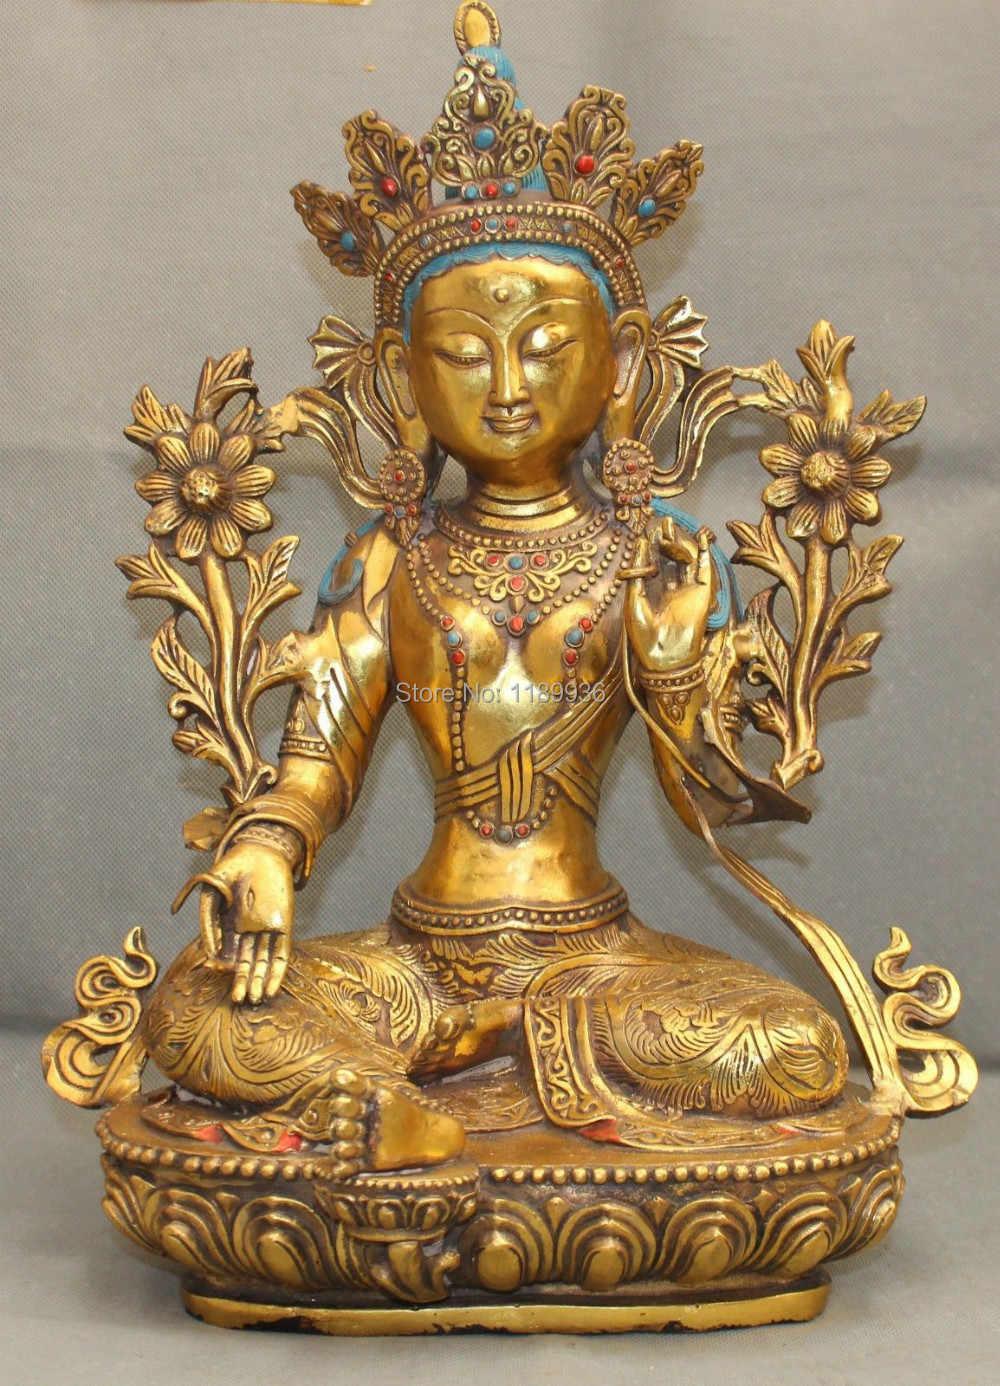 """20 """"Тибет Тибетский Буддизм Бронзовый свинка сиденья Зеленая Тара богиня статуя Будды"""